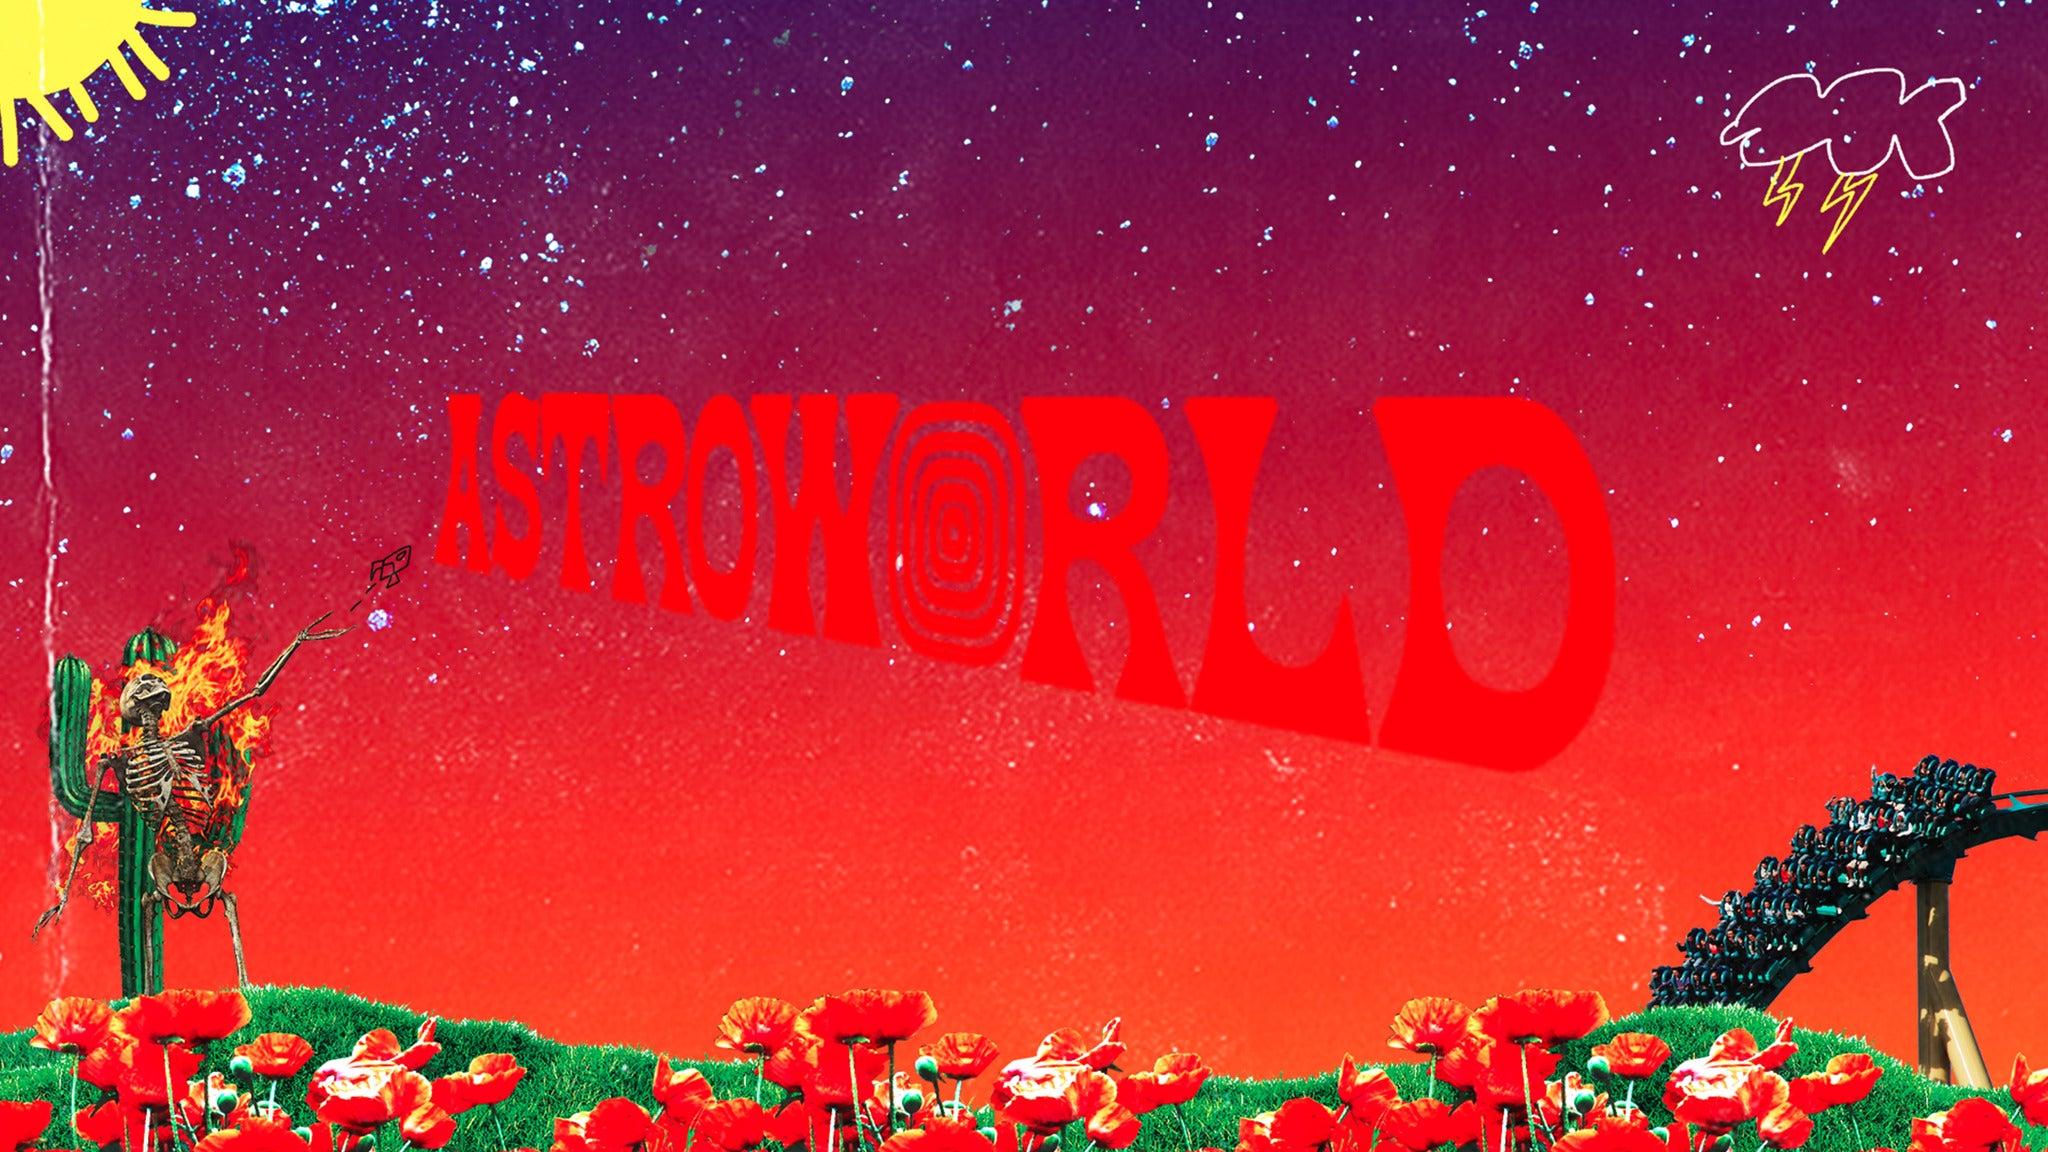 Astroworld Festival at NRG Park